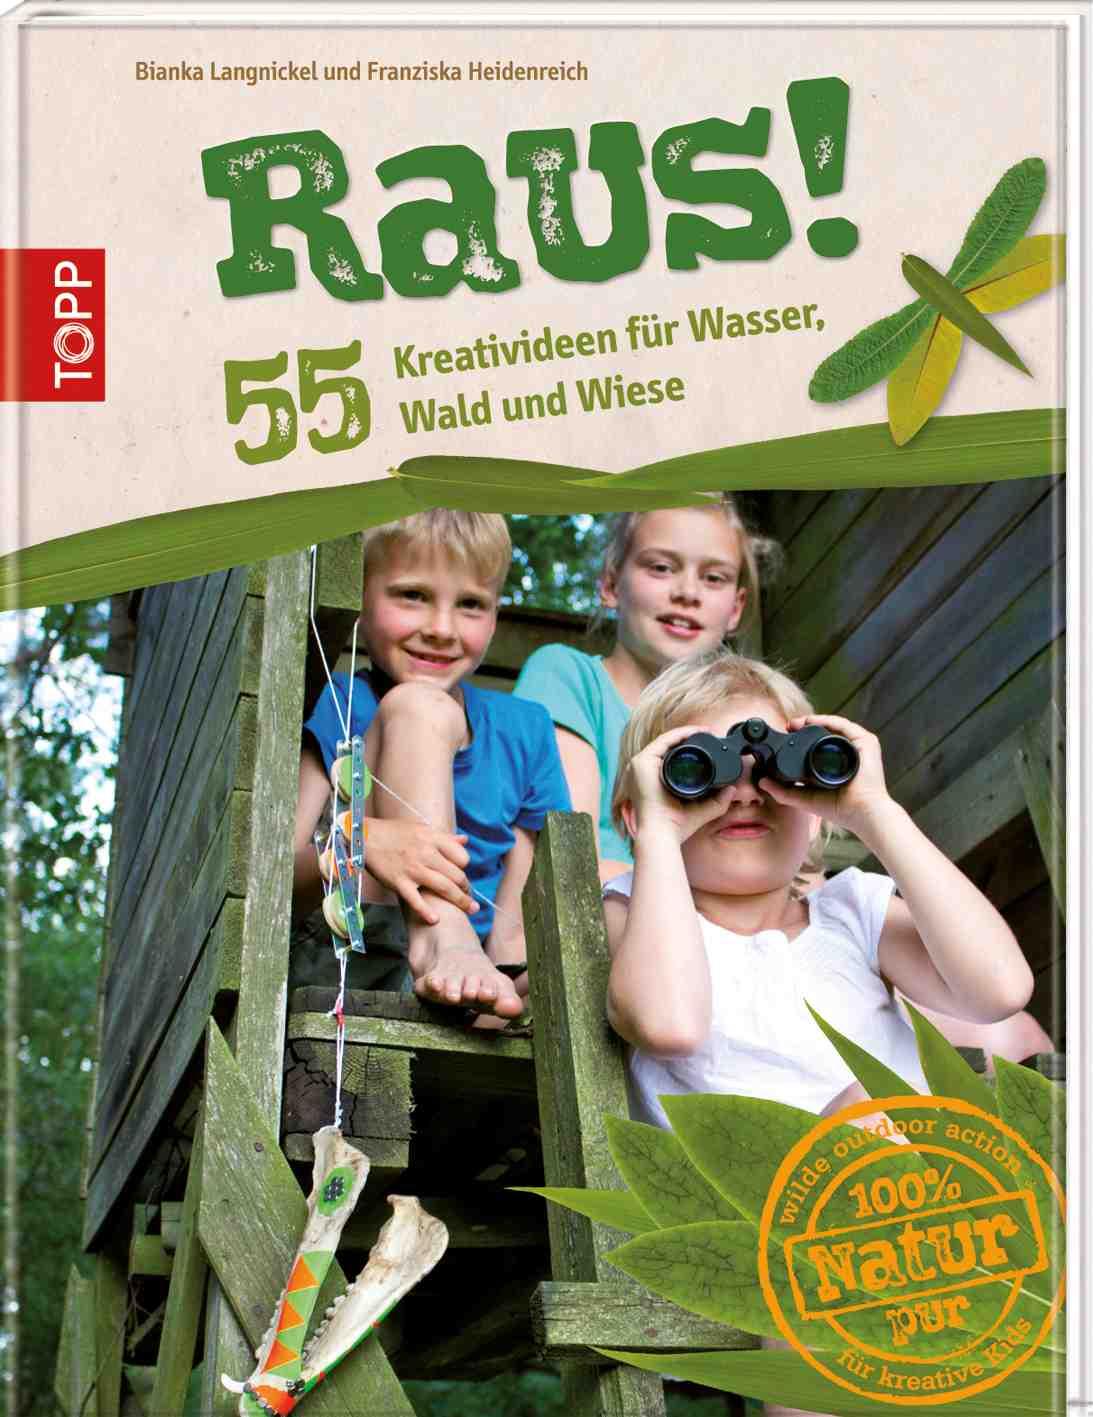 Für alle Outdoor Kinder ein Buch, das sie gelesen haben sollten: Raus! Erschienen im Frechverlag. Foto:(c) Frechverlag